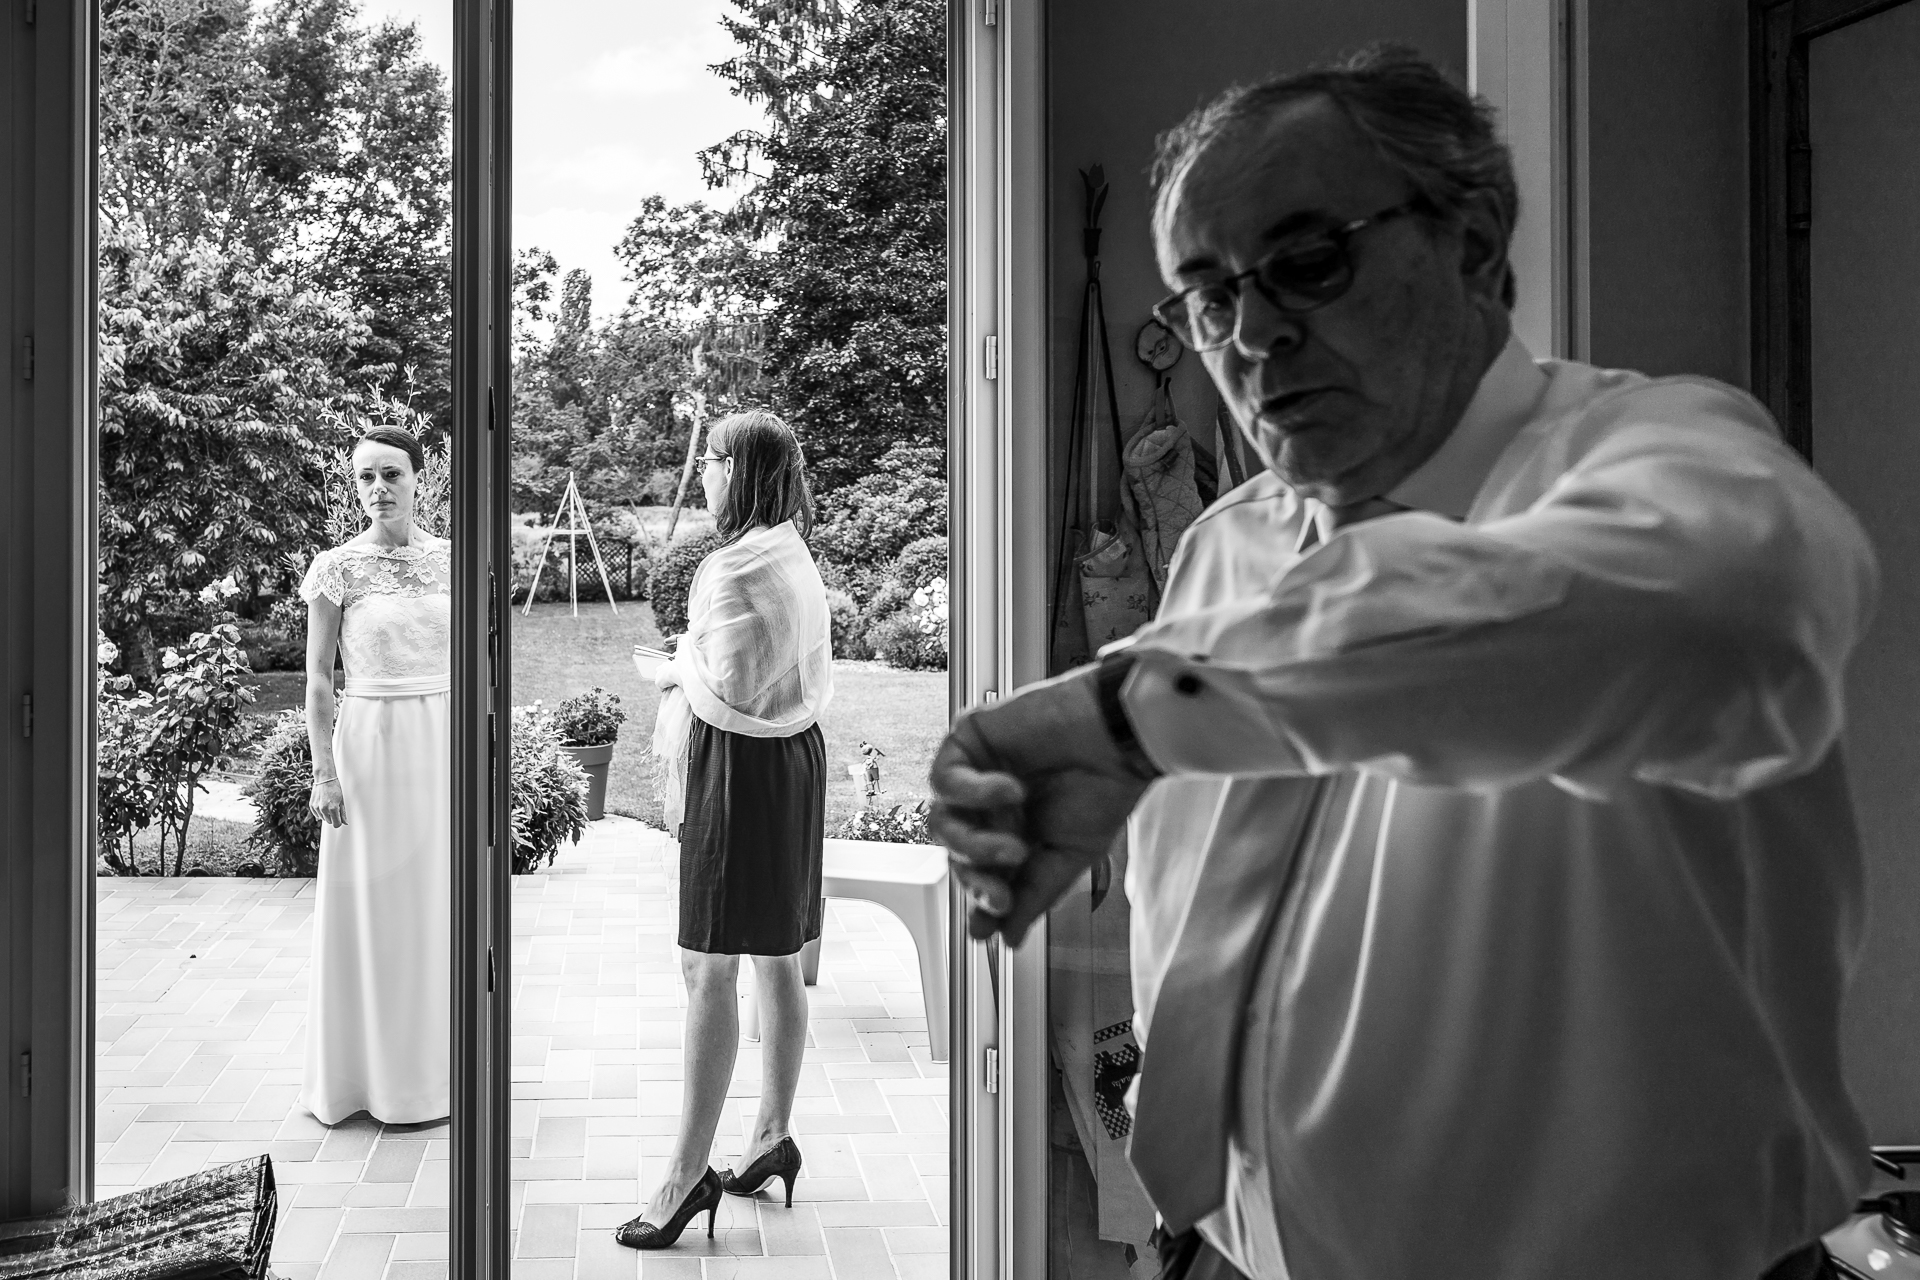 Un homme regarde sa montre avant la cérémonie à Checy dans ce mariage en noir et blanc photo